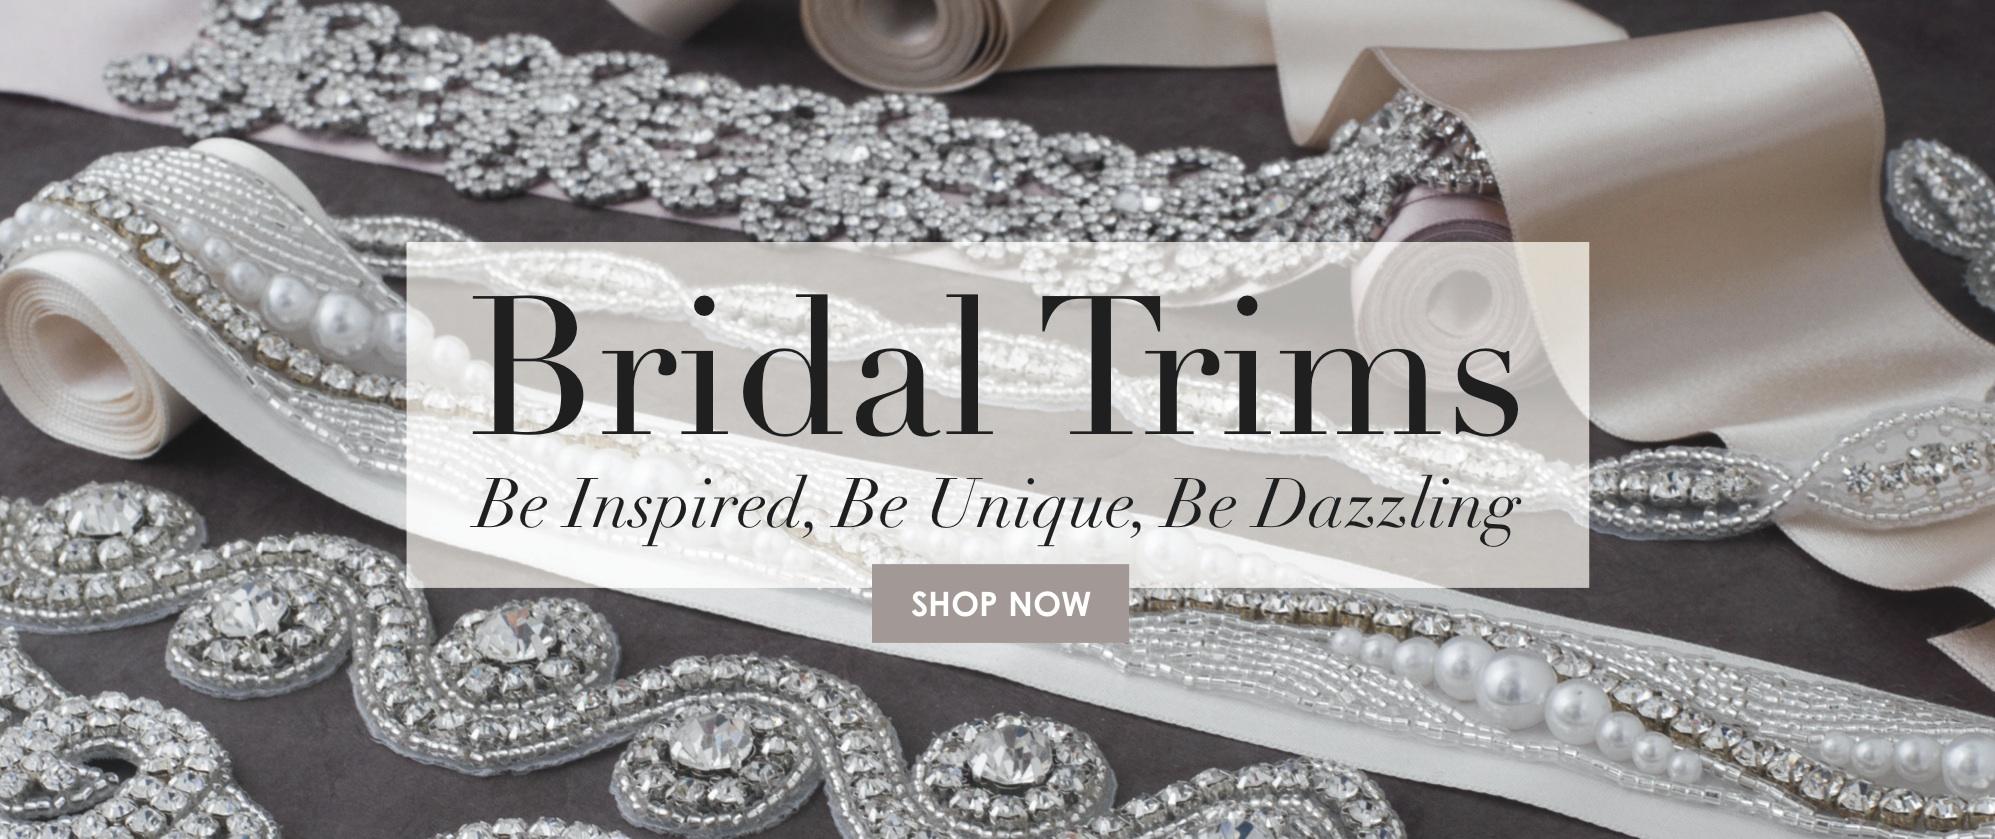 05/22/13_Landing Page: Bridal Trims